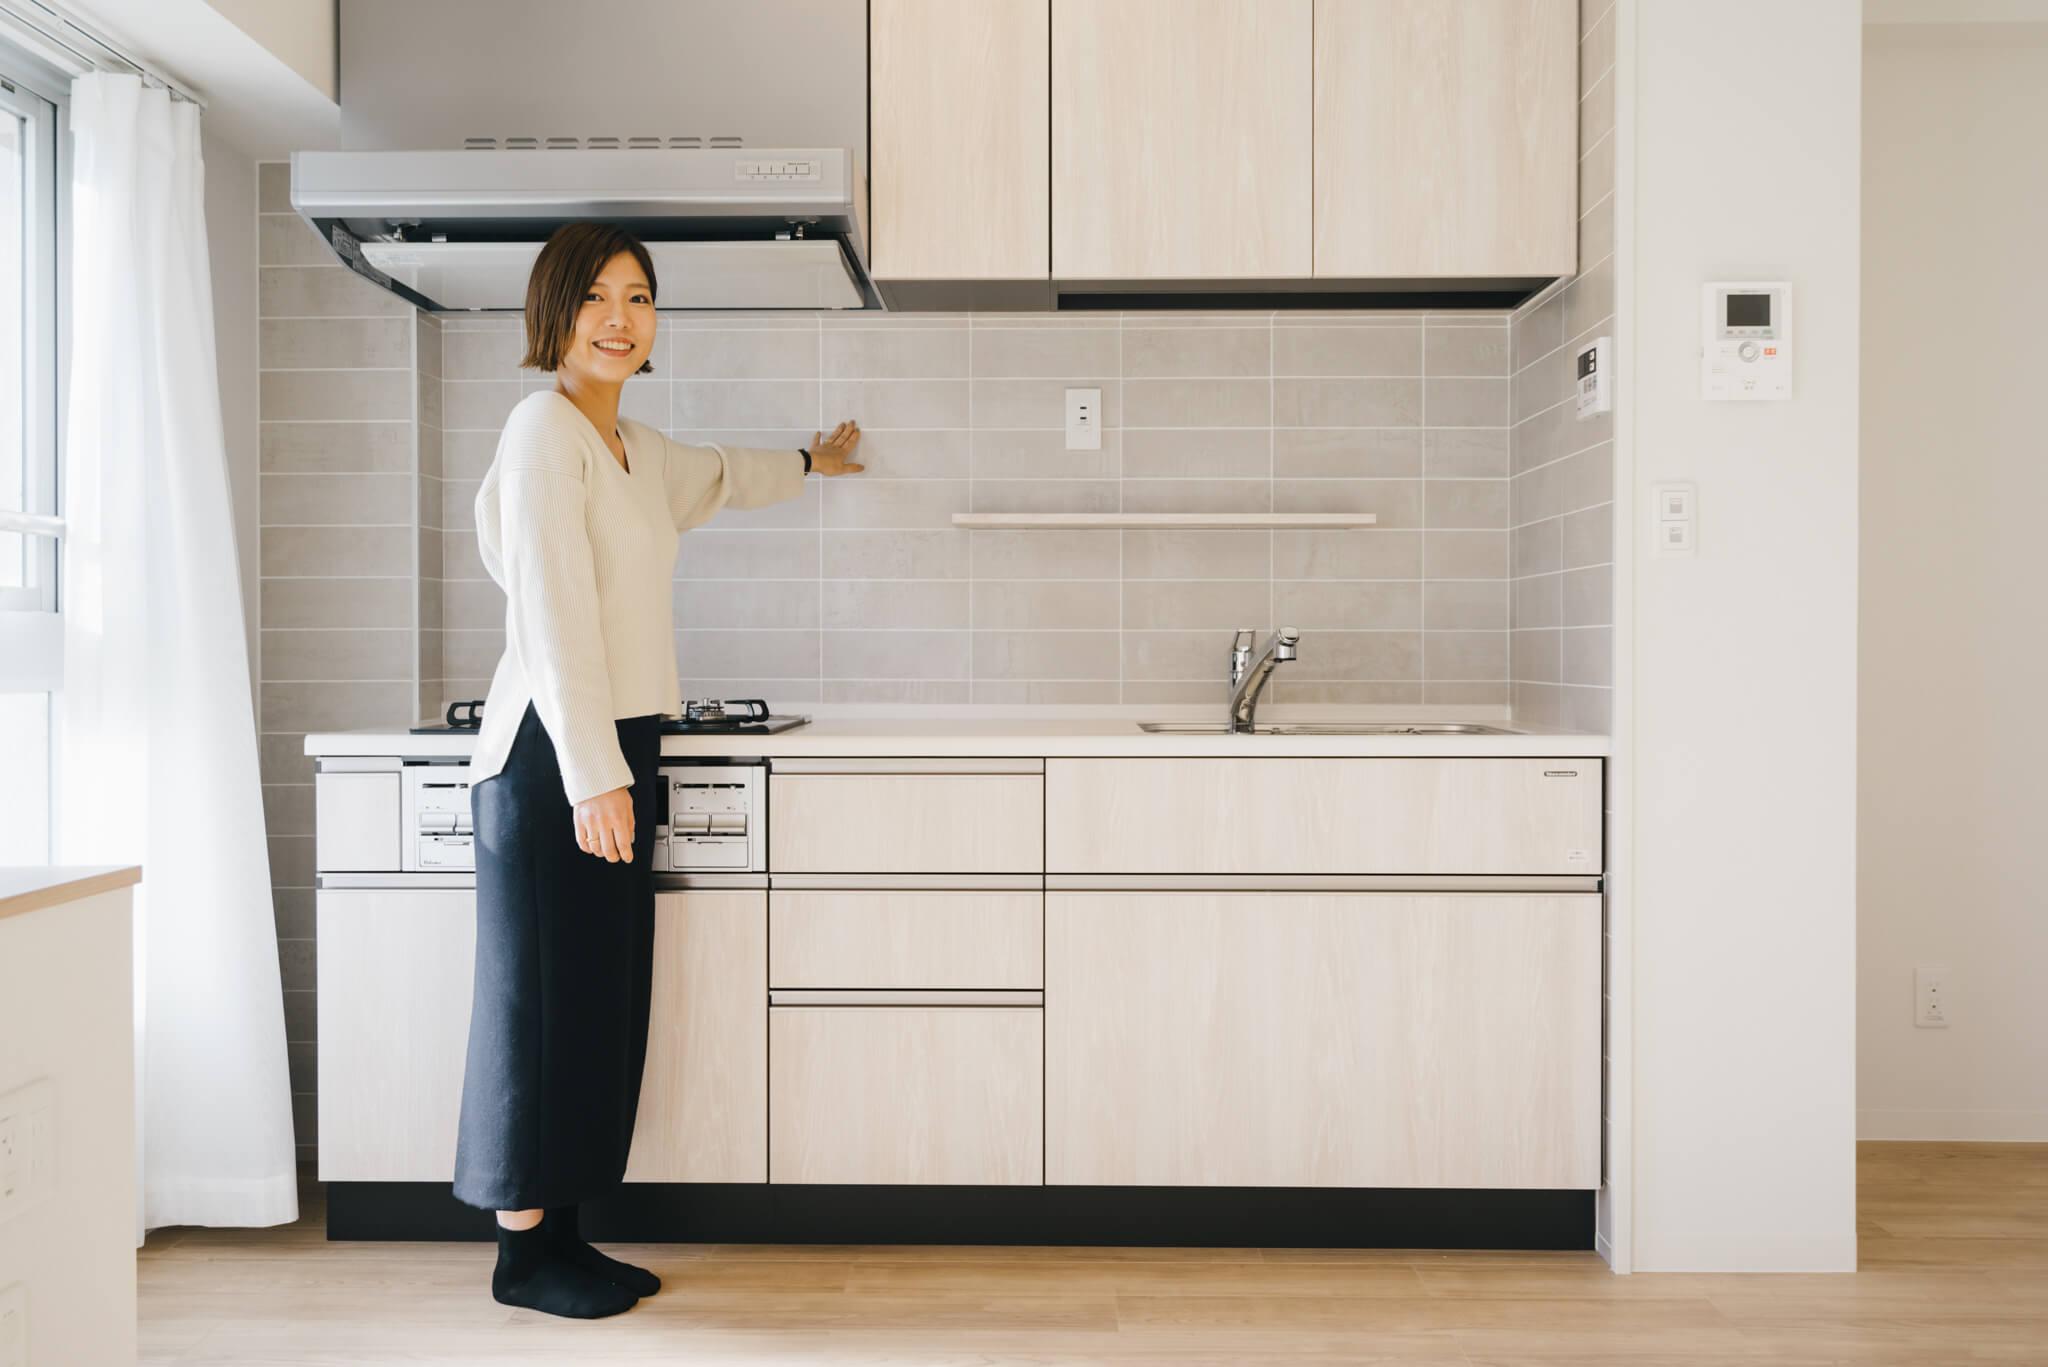 「特に、キッチンのタイルがポイントです」と宇都宮さん。ひとつずつ色味や風合いが異なる本物のタイルで、部屋全体の雰囲気にもよく似合っています。